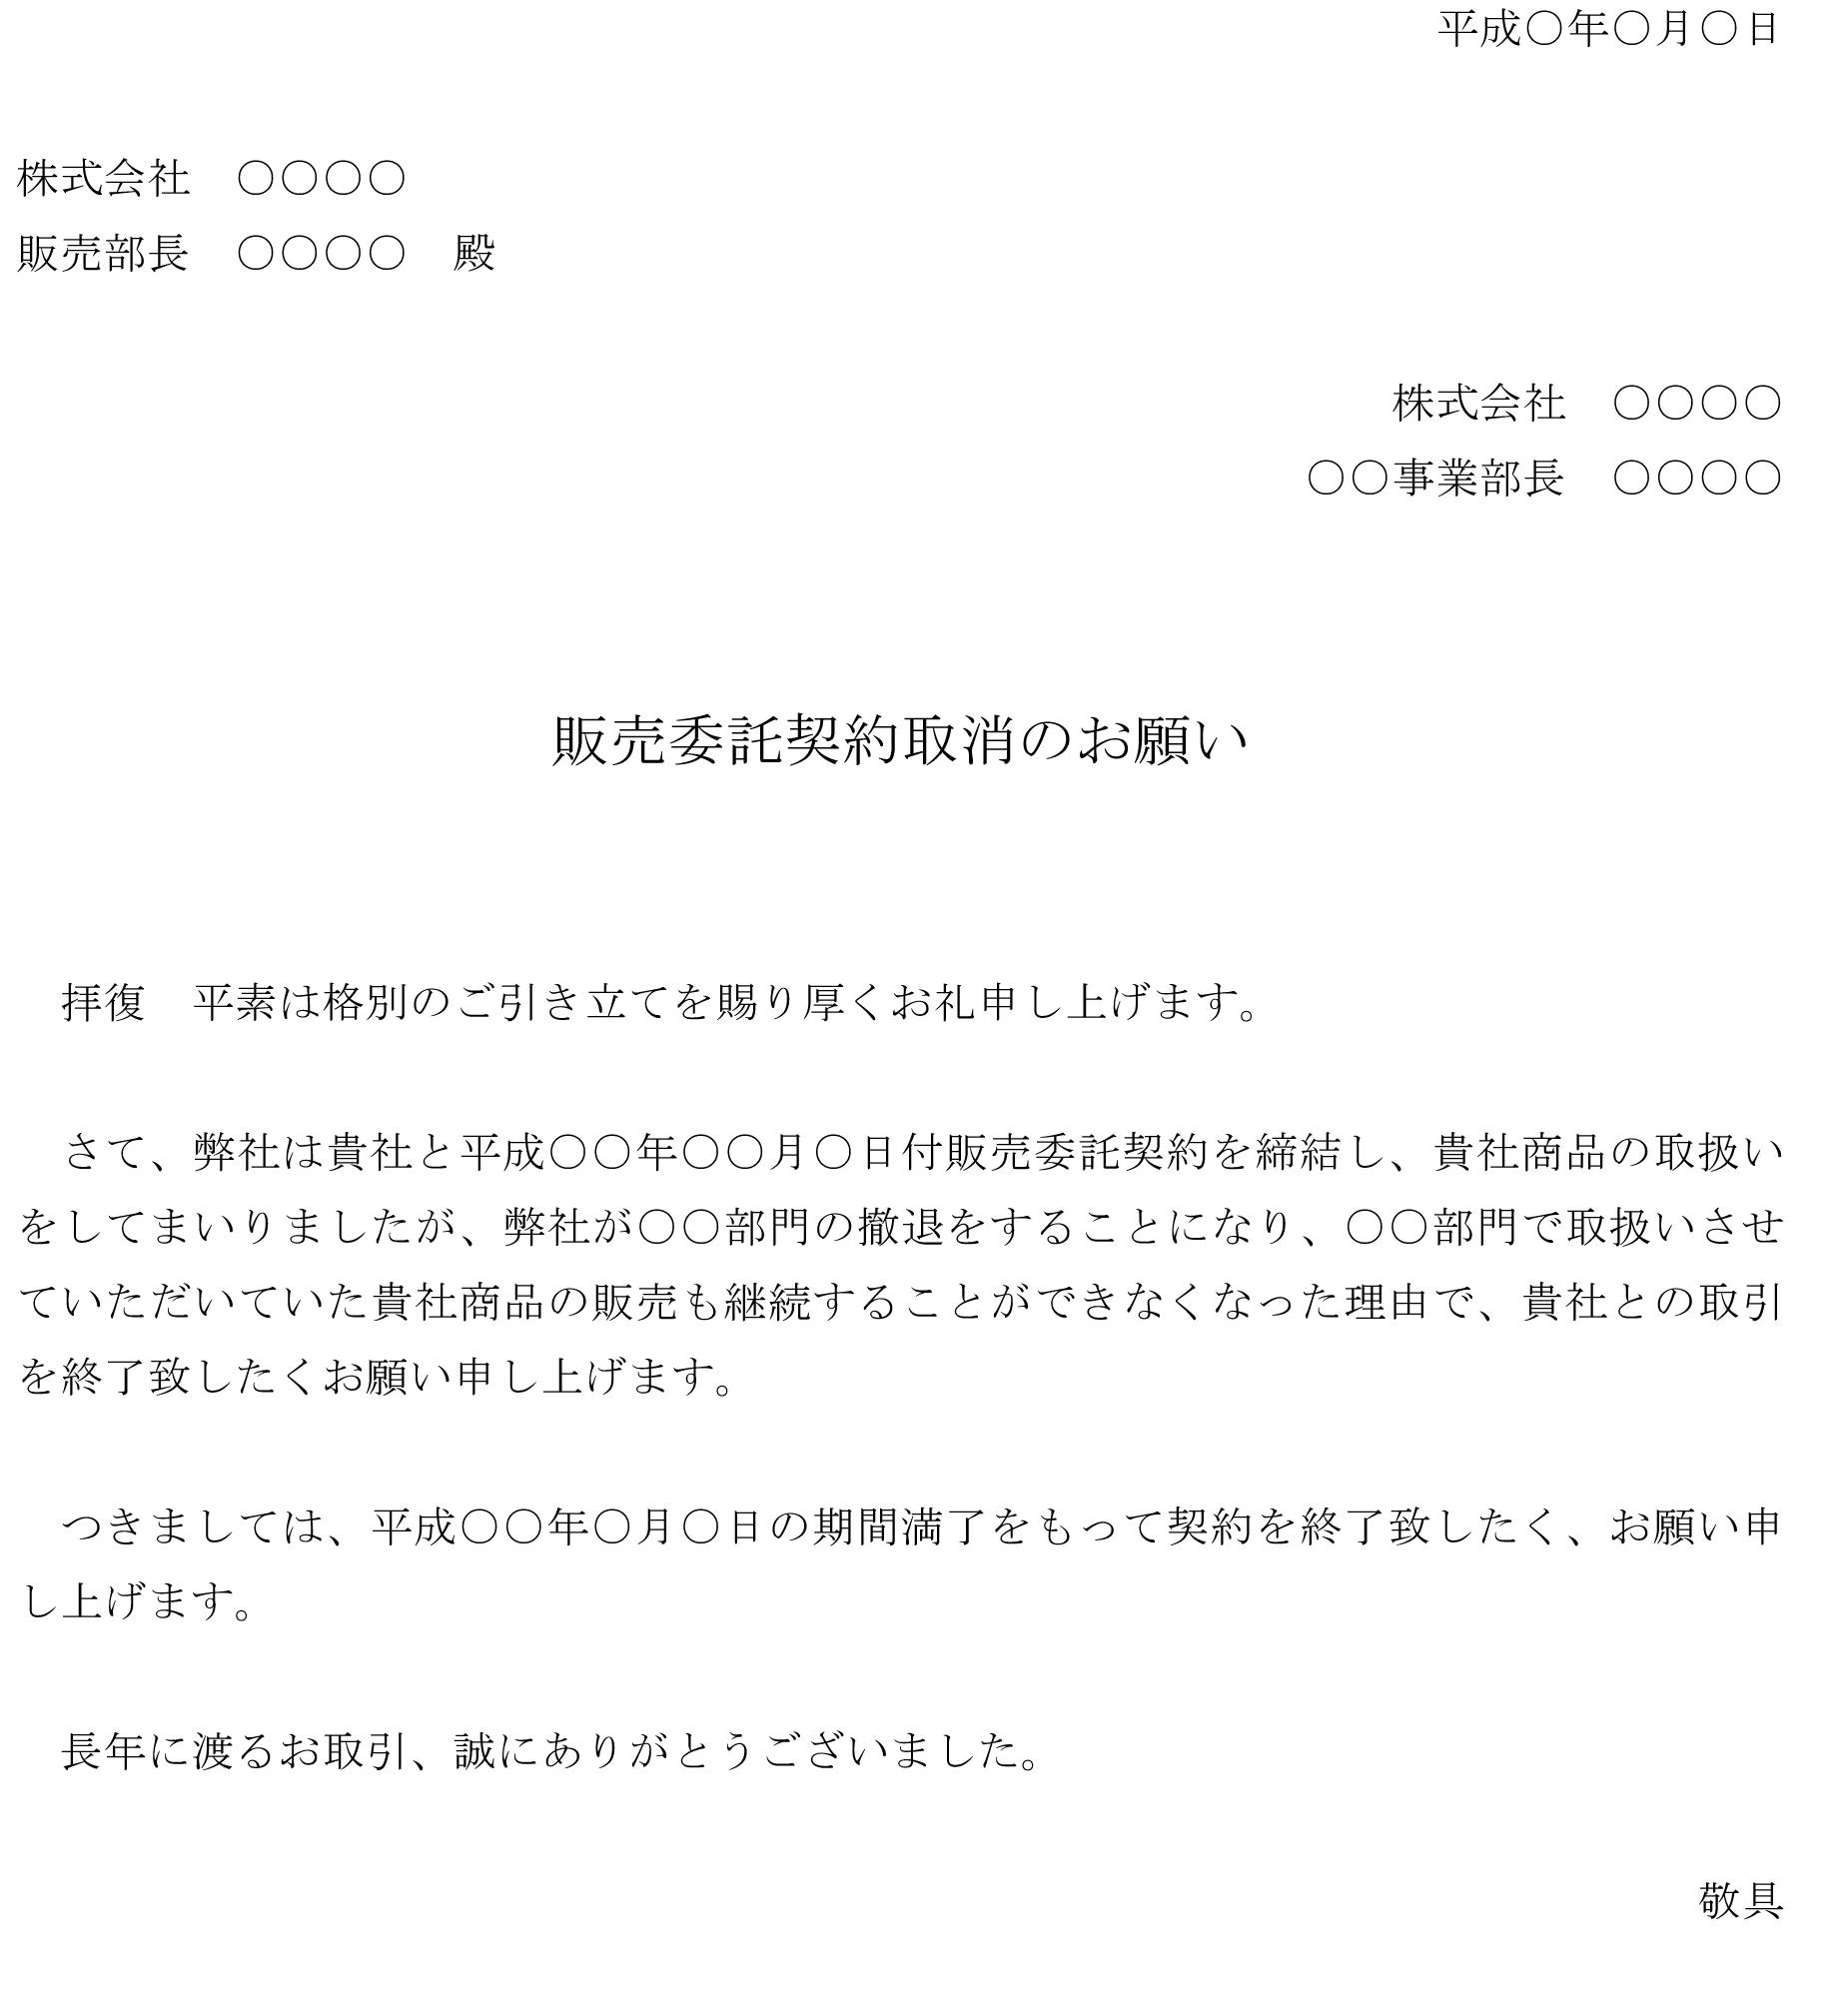 依頼状(販売委託契約取消)